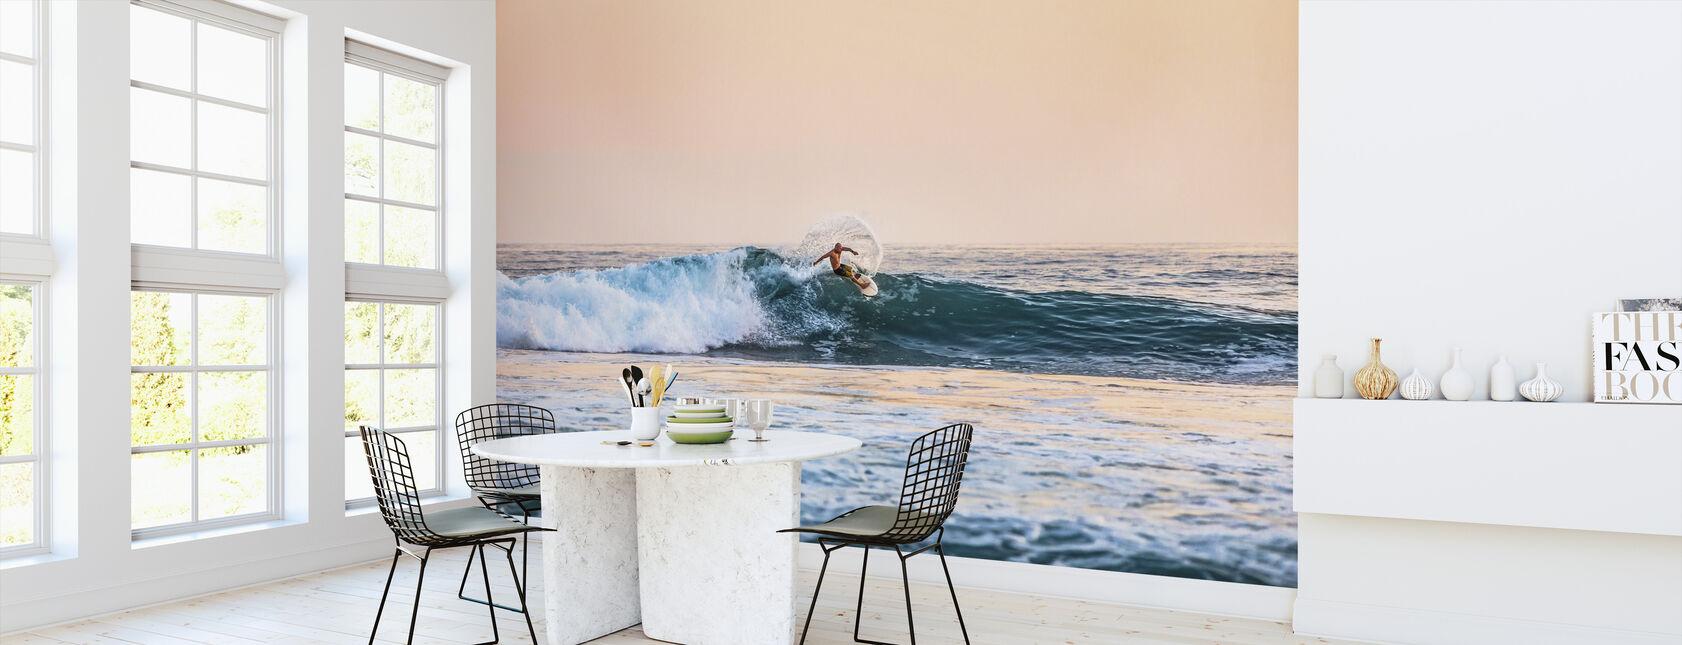 Surfen - Tapete - Küchen